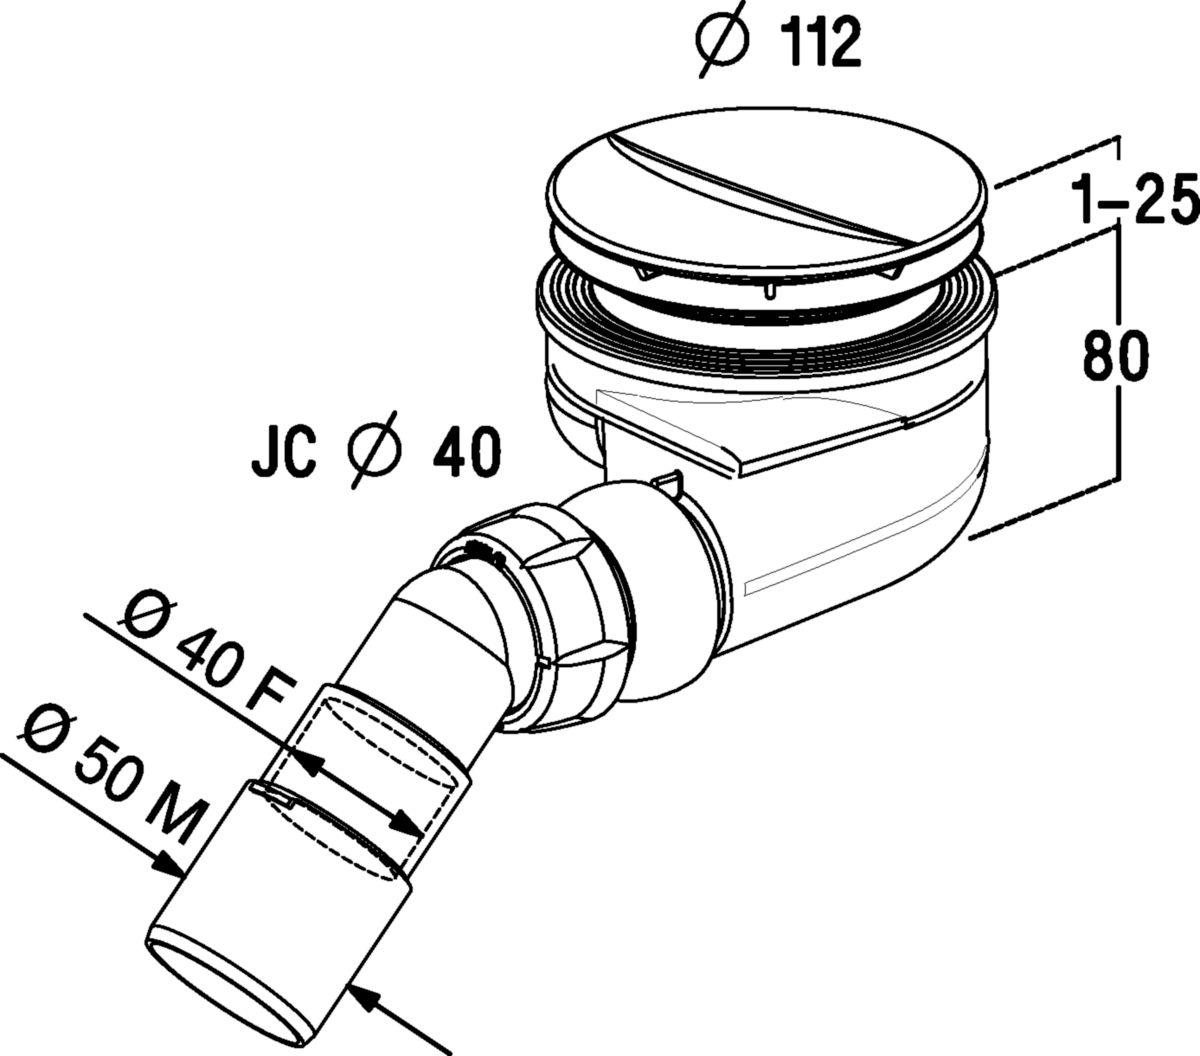 Bonde siphoïde pour receveur de douche Turboflow + enjoliveur - Ø 90 mm